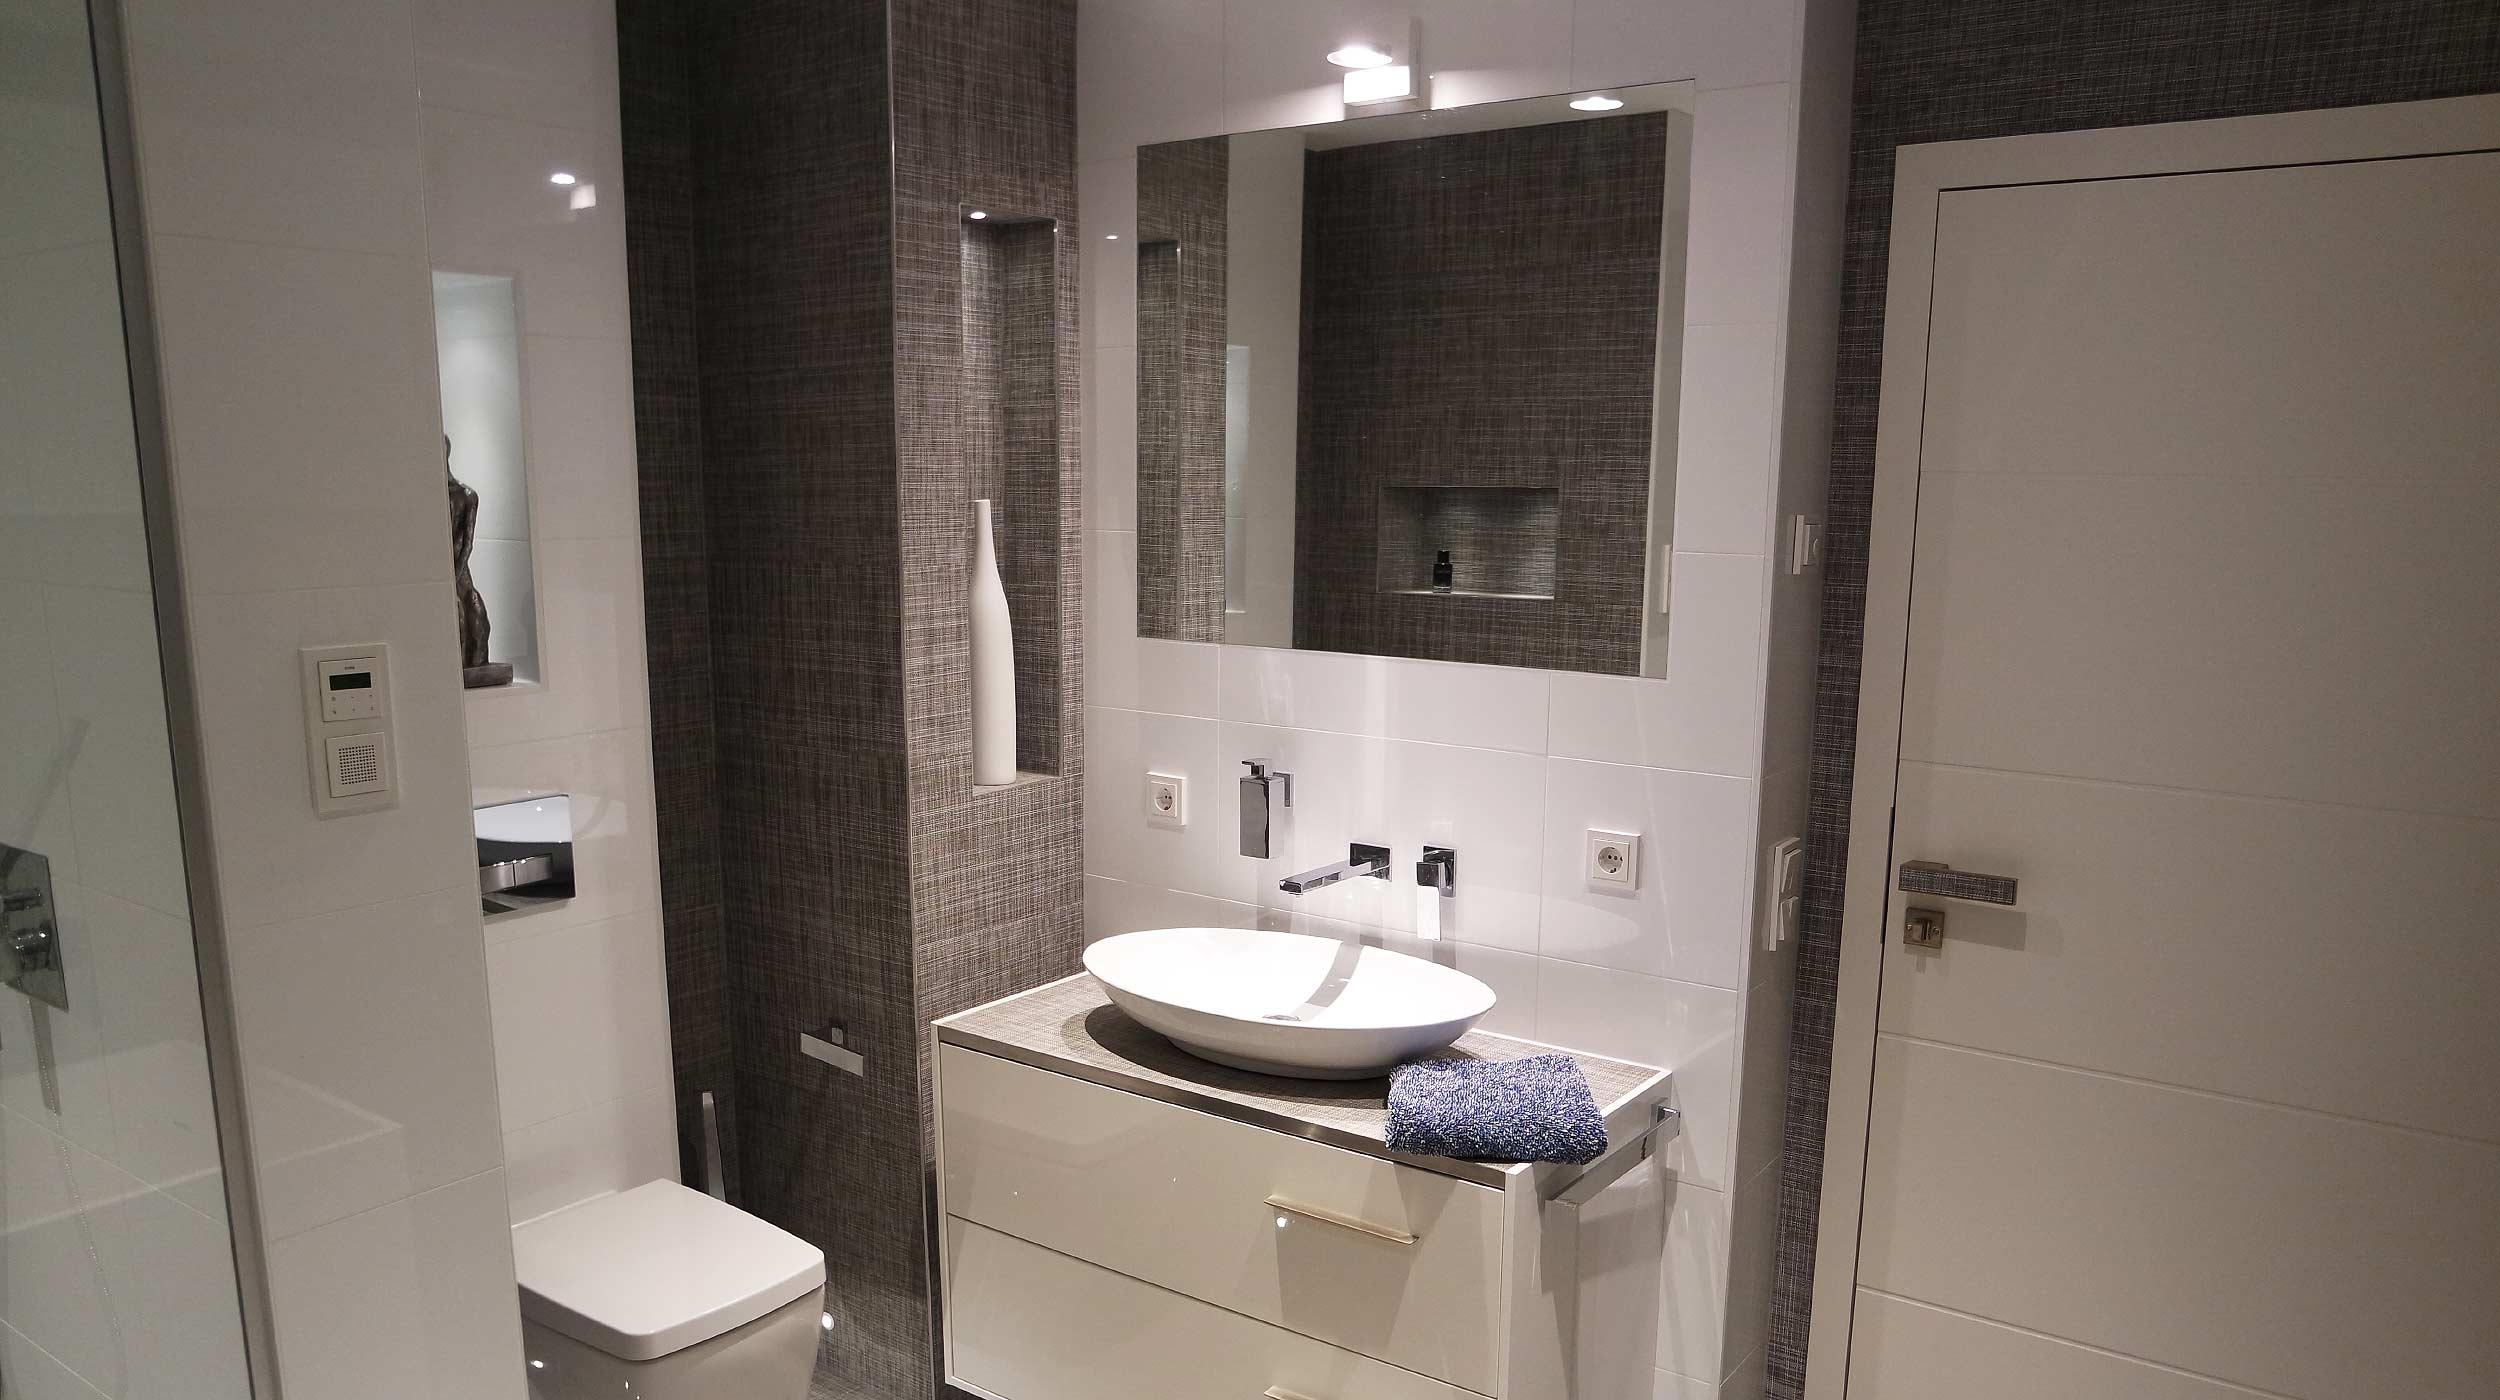 Badgestaltung Schöner Wohnen | Schöner Wohnen Wohnideen Raumdesign ...